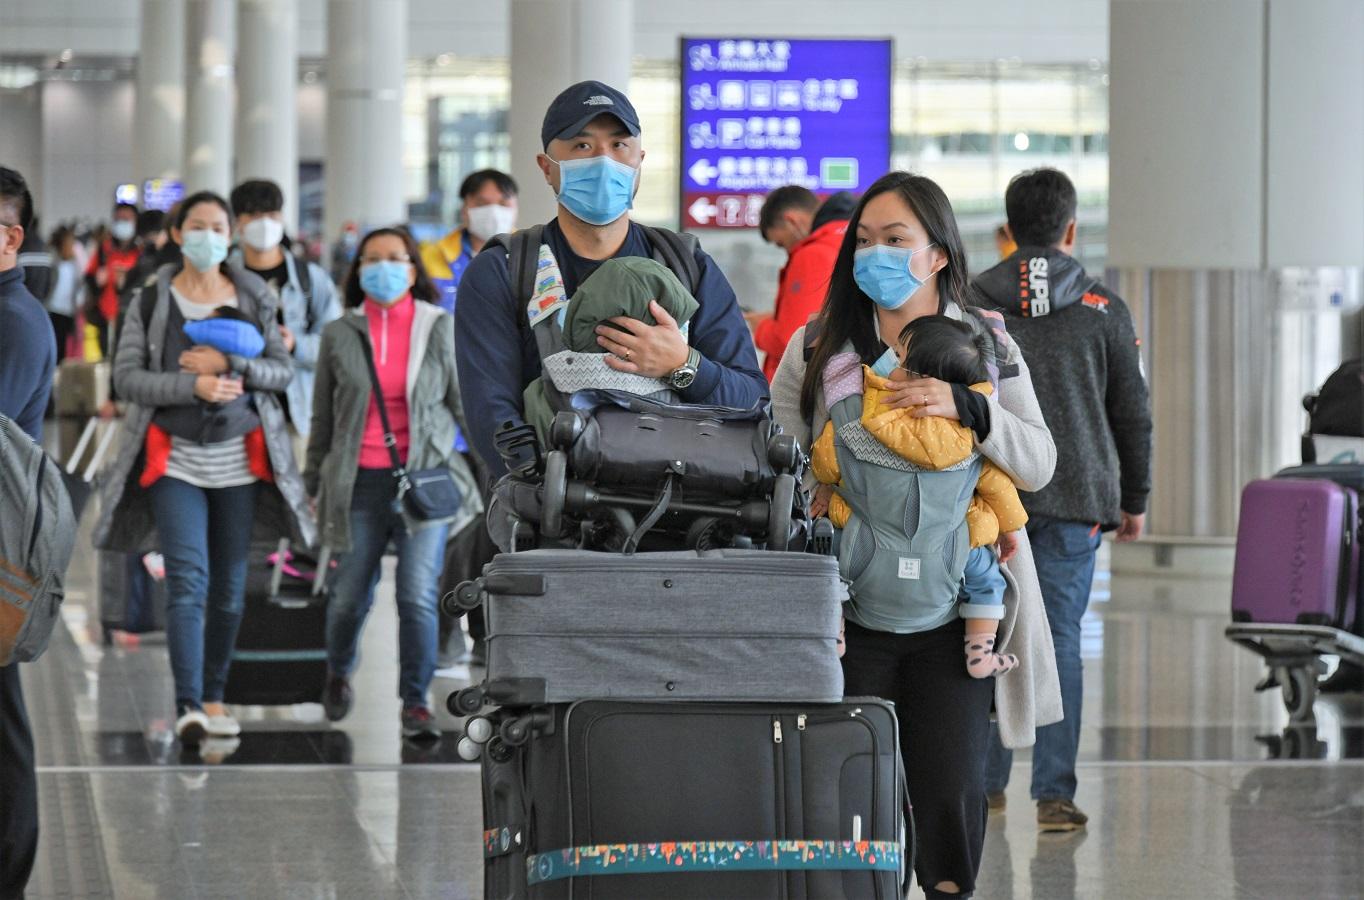 【新冠肺炎】民航处:越南已取消停飞香港航班措施